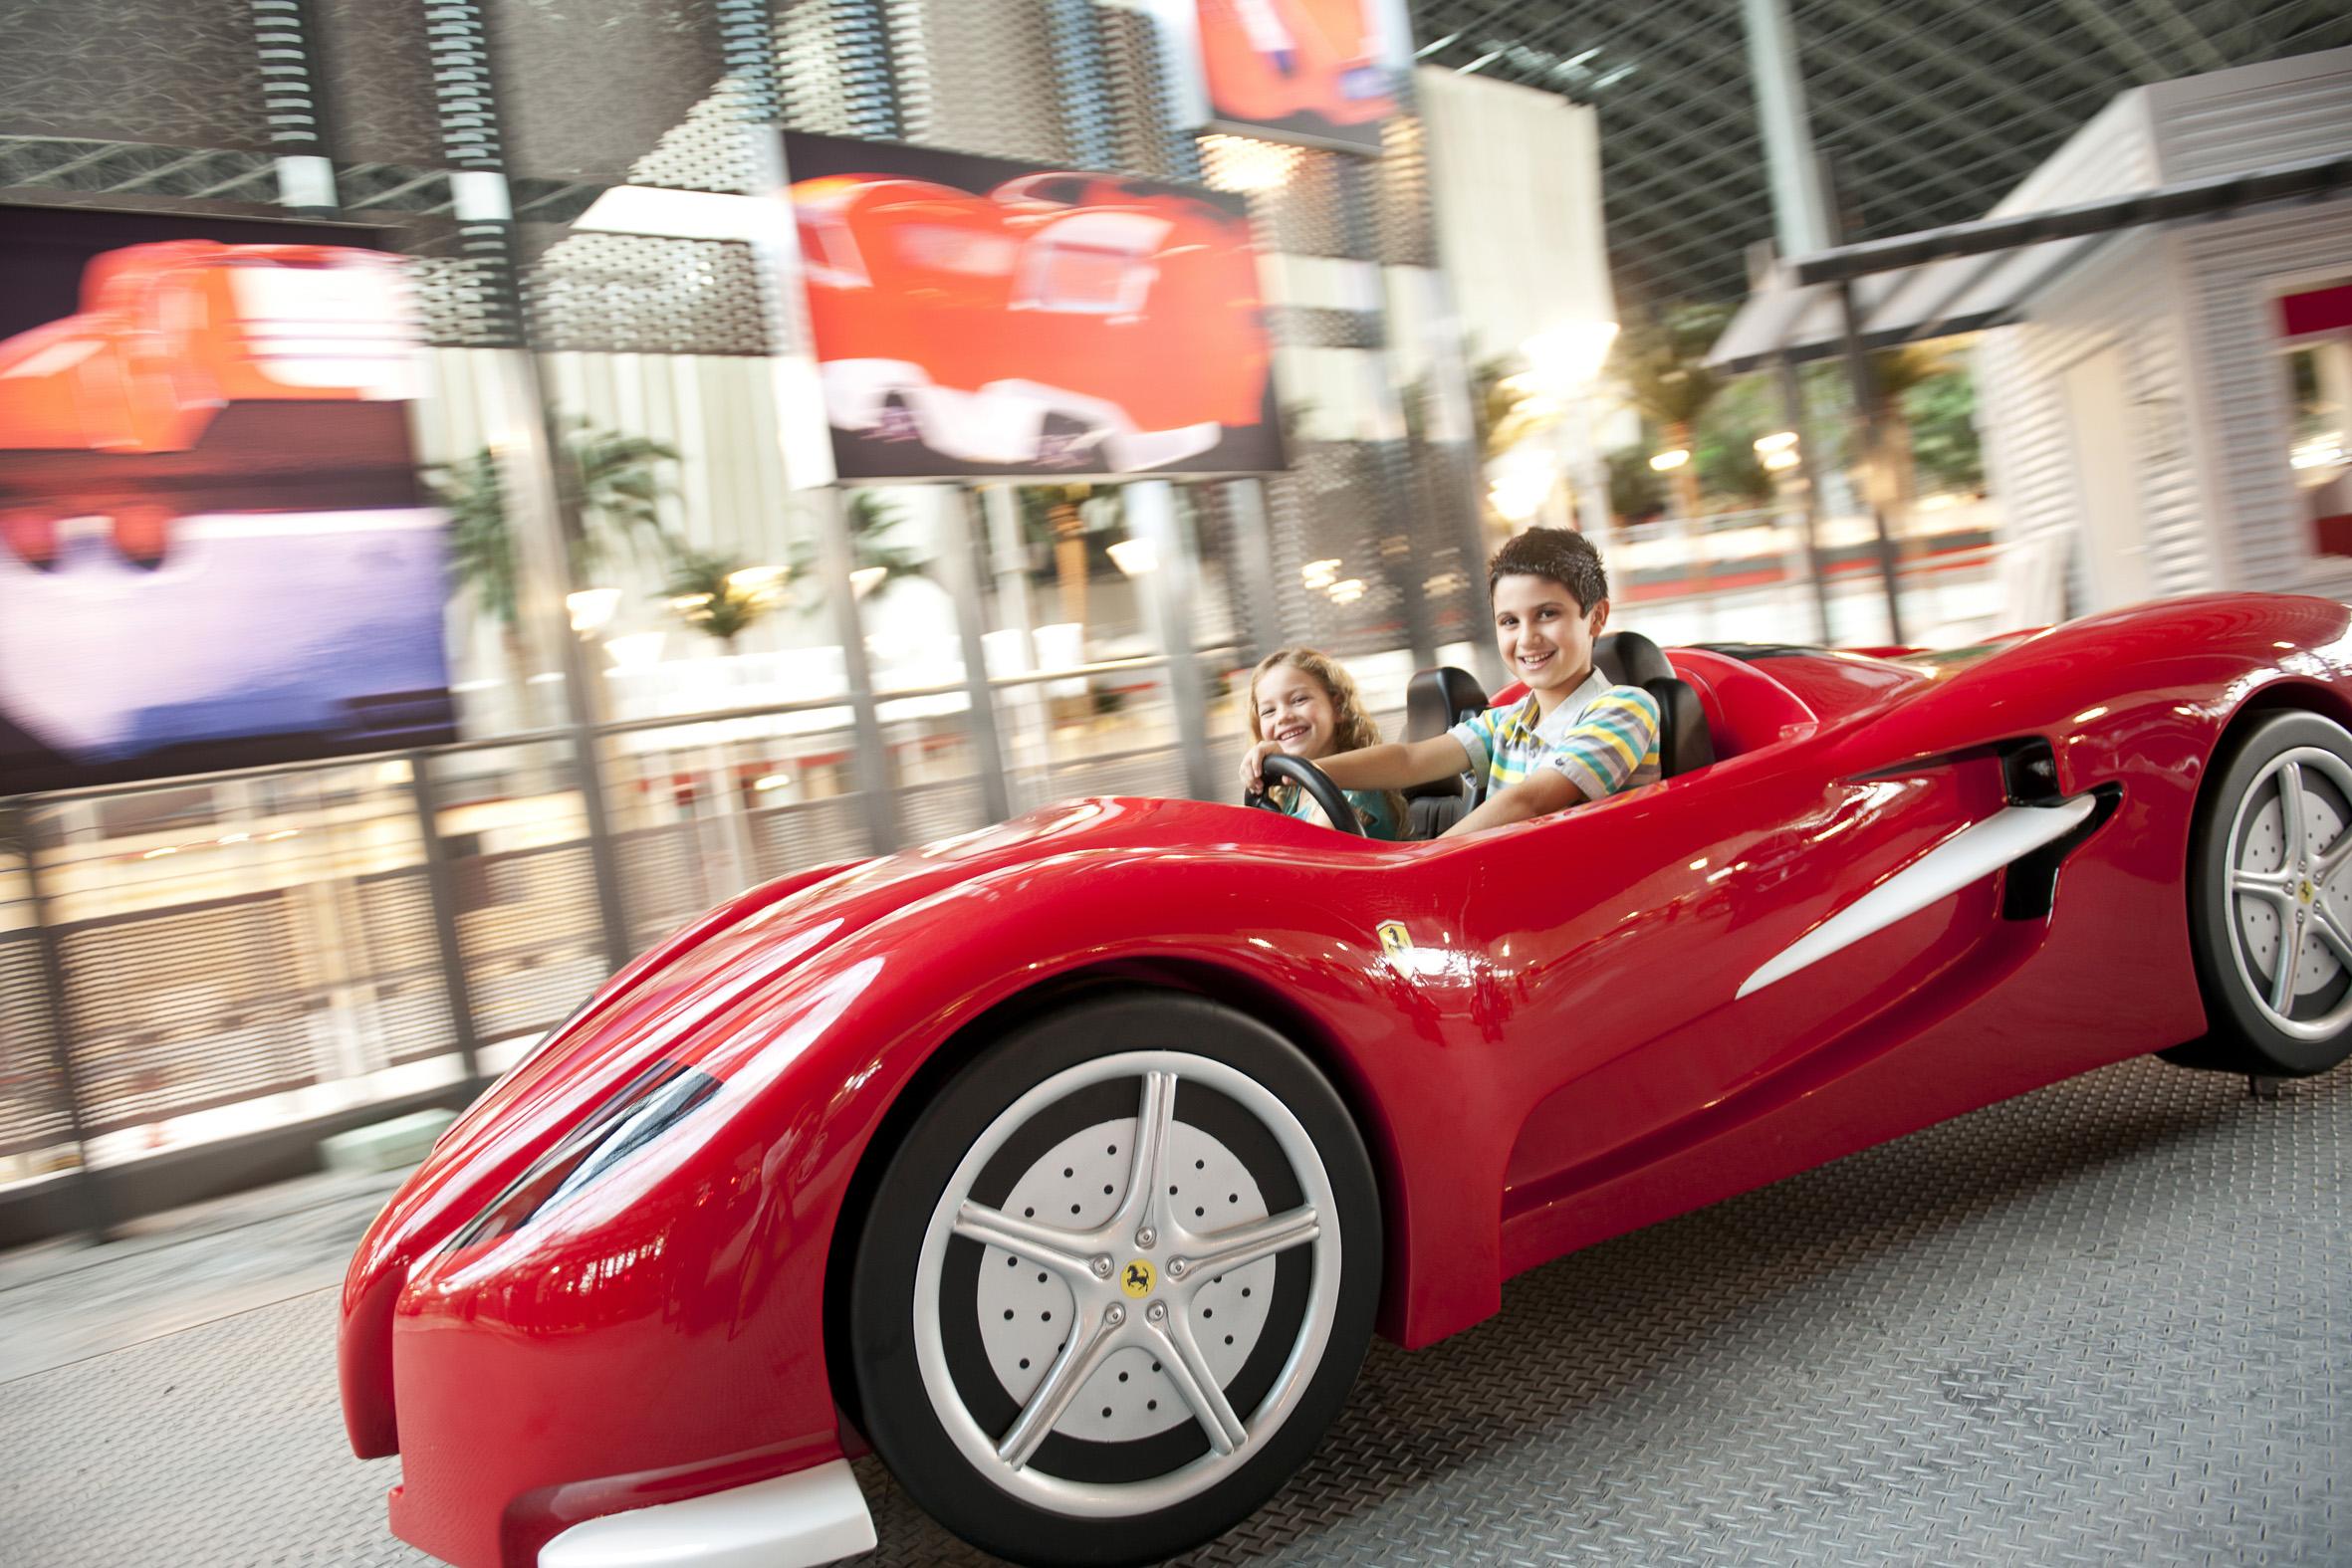 ferrari veer roller video flying theme videos coaster dubai at aces park vr world